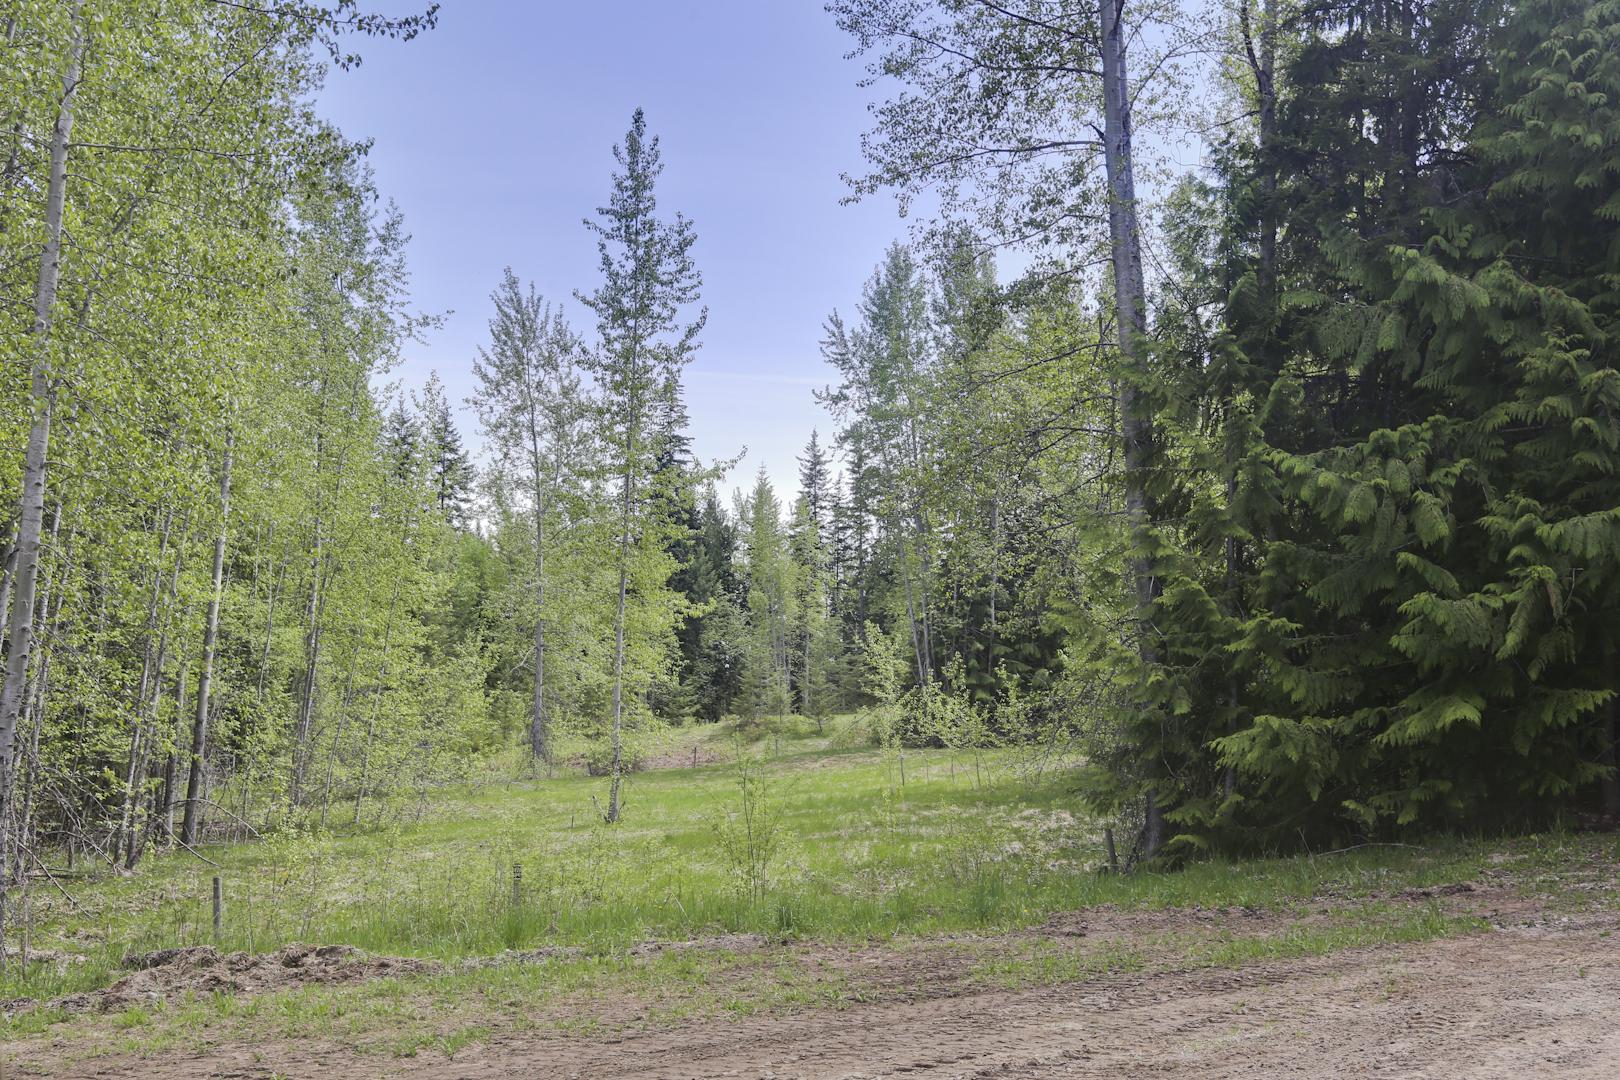 A Mackenzie Road, Enderby, V0E 1V3